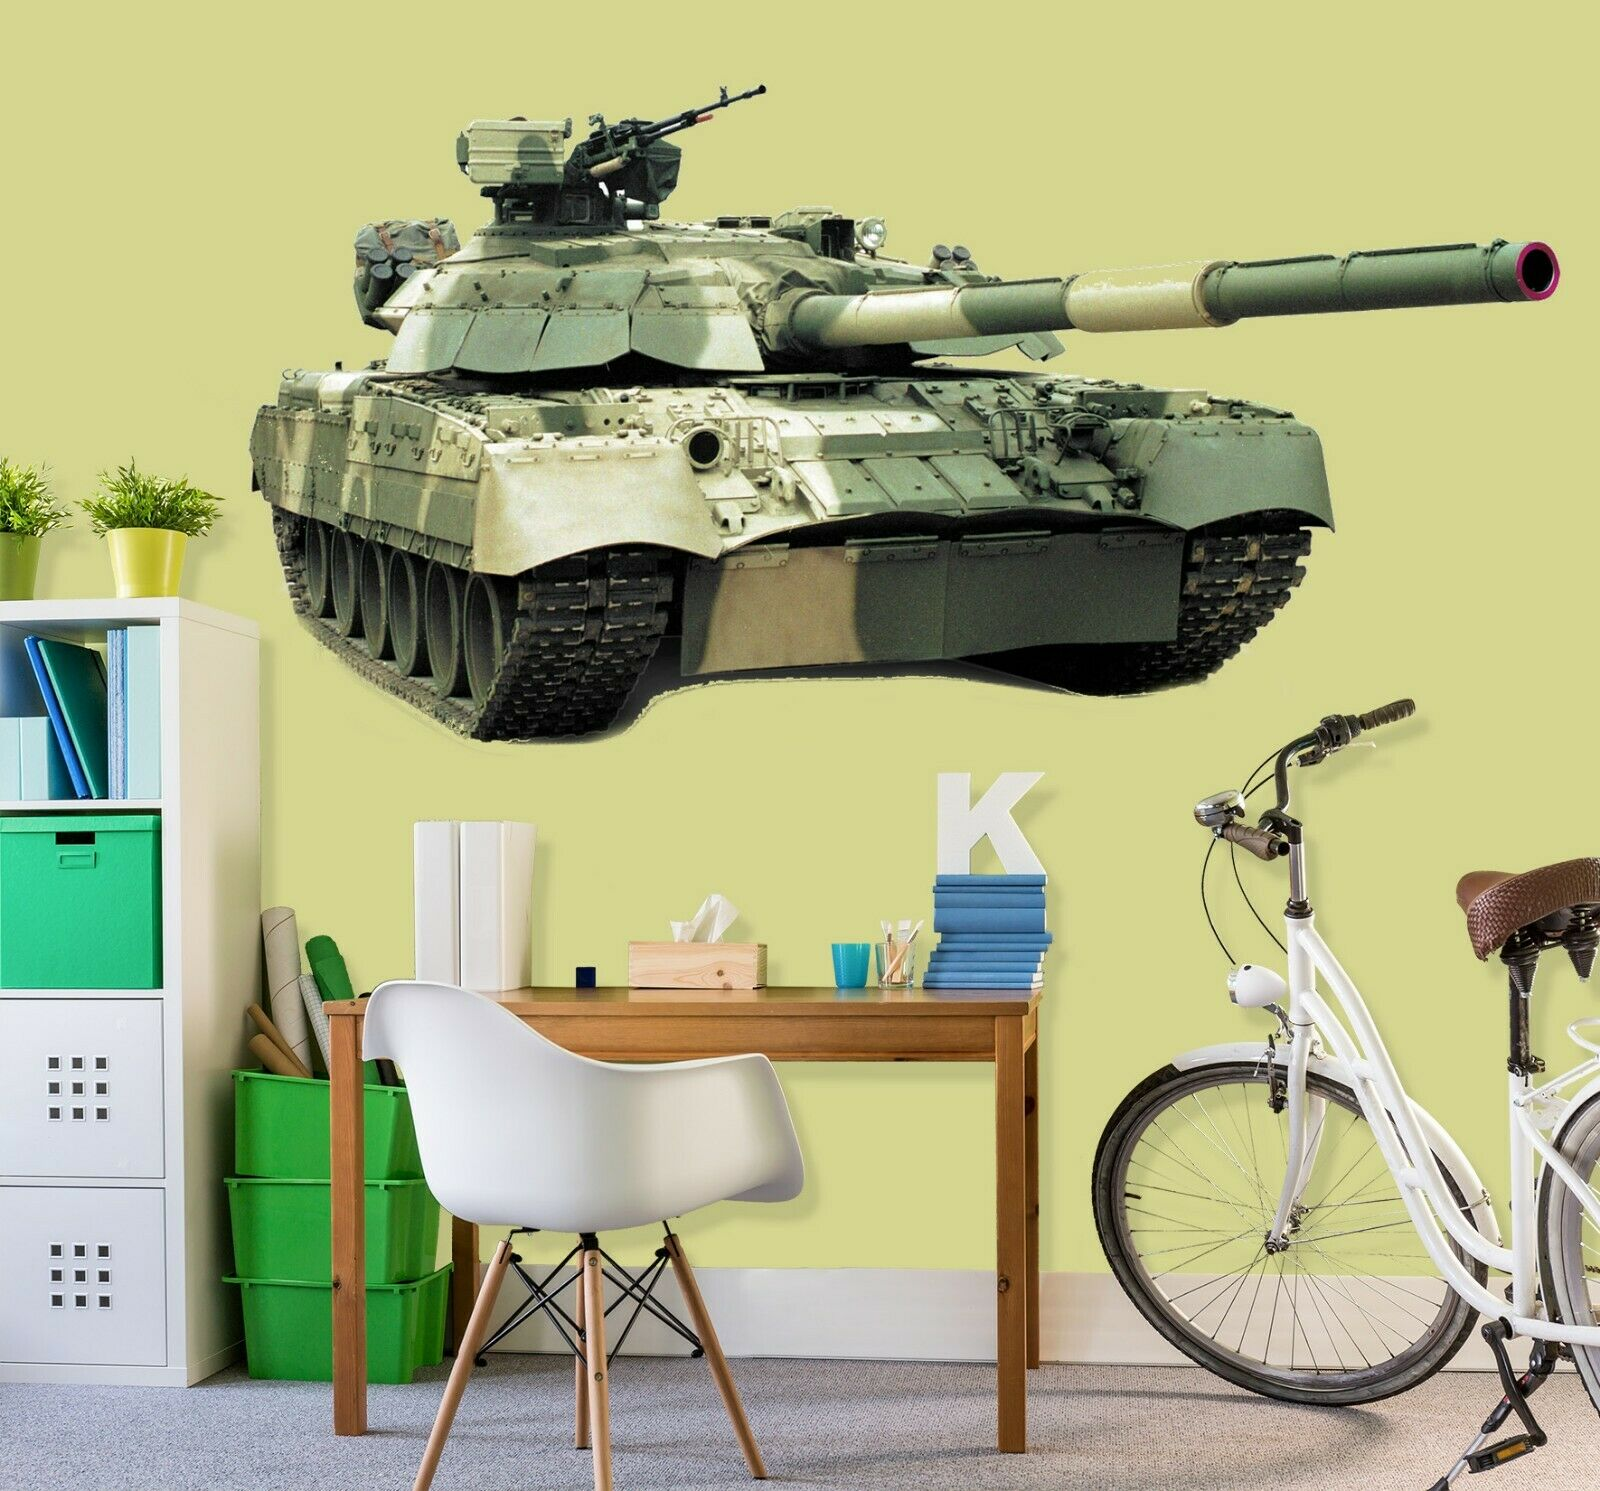 3D Tank Bunt C306 Auto Wallpaper Wandbild Poster Transport Wandaufkleber Wend